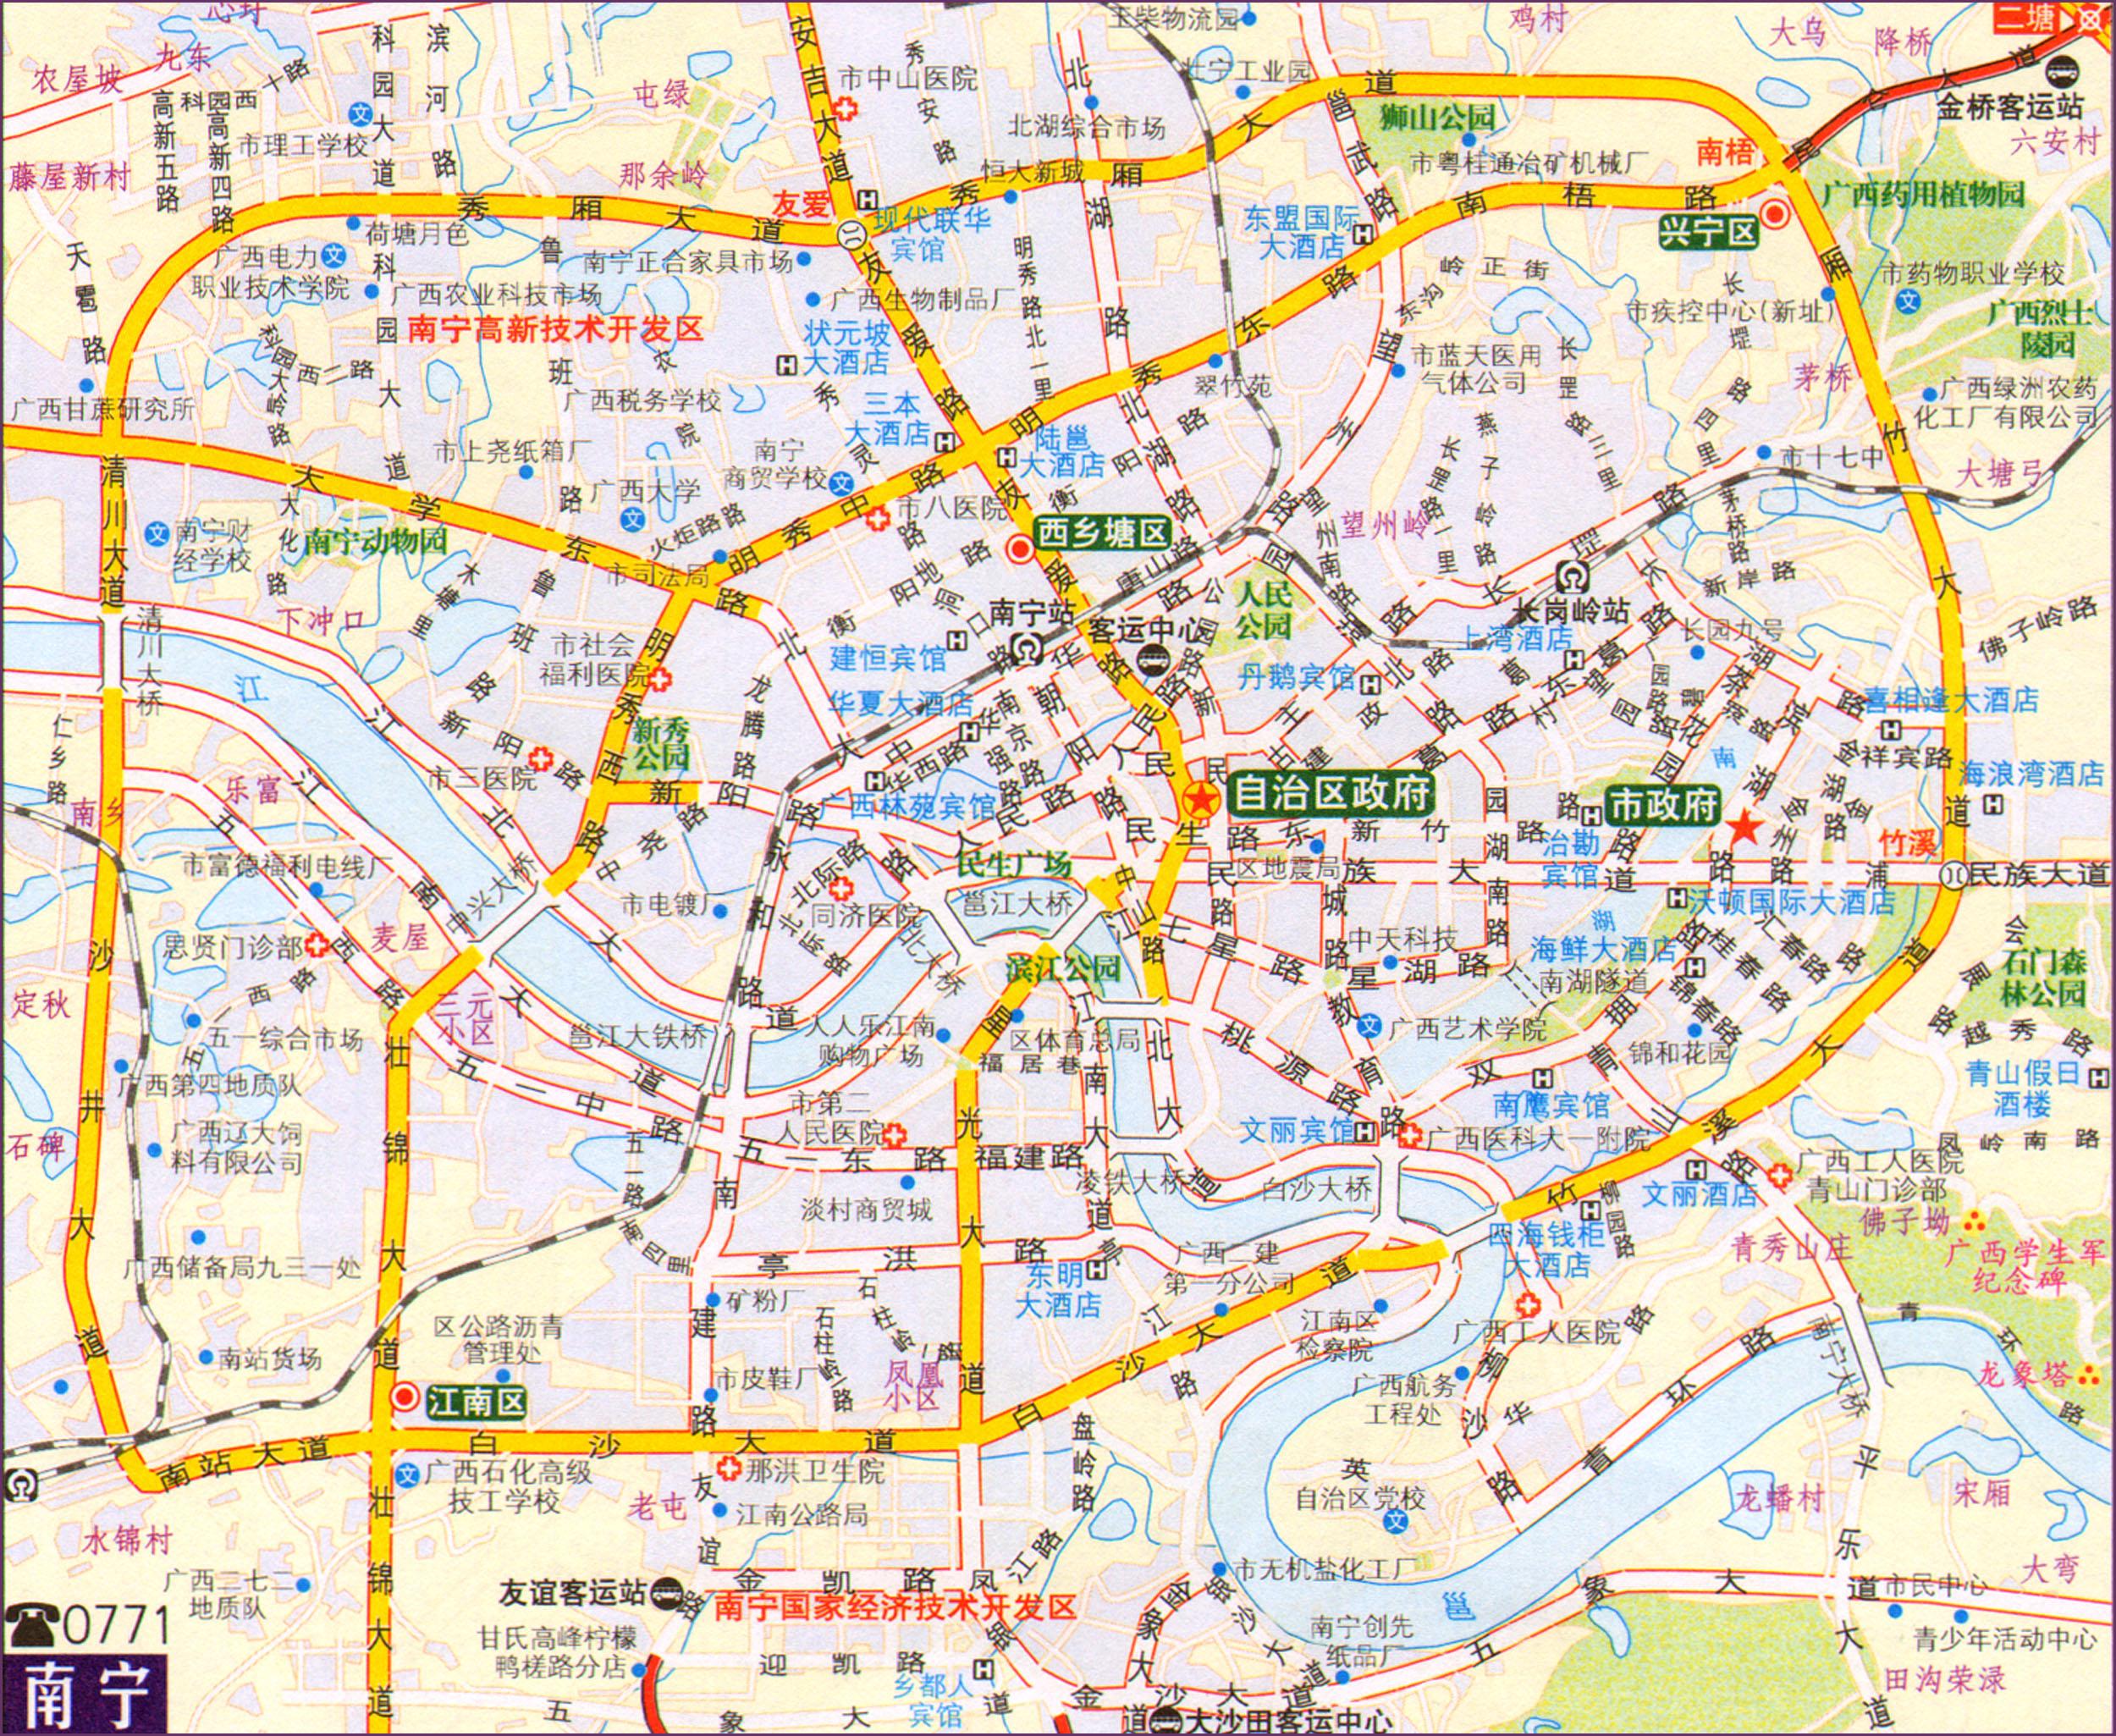 南宁市交通地图2014版